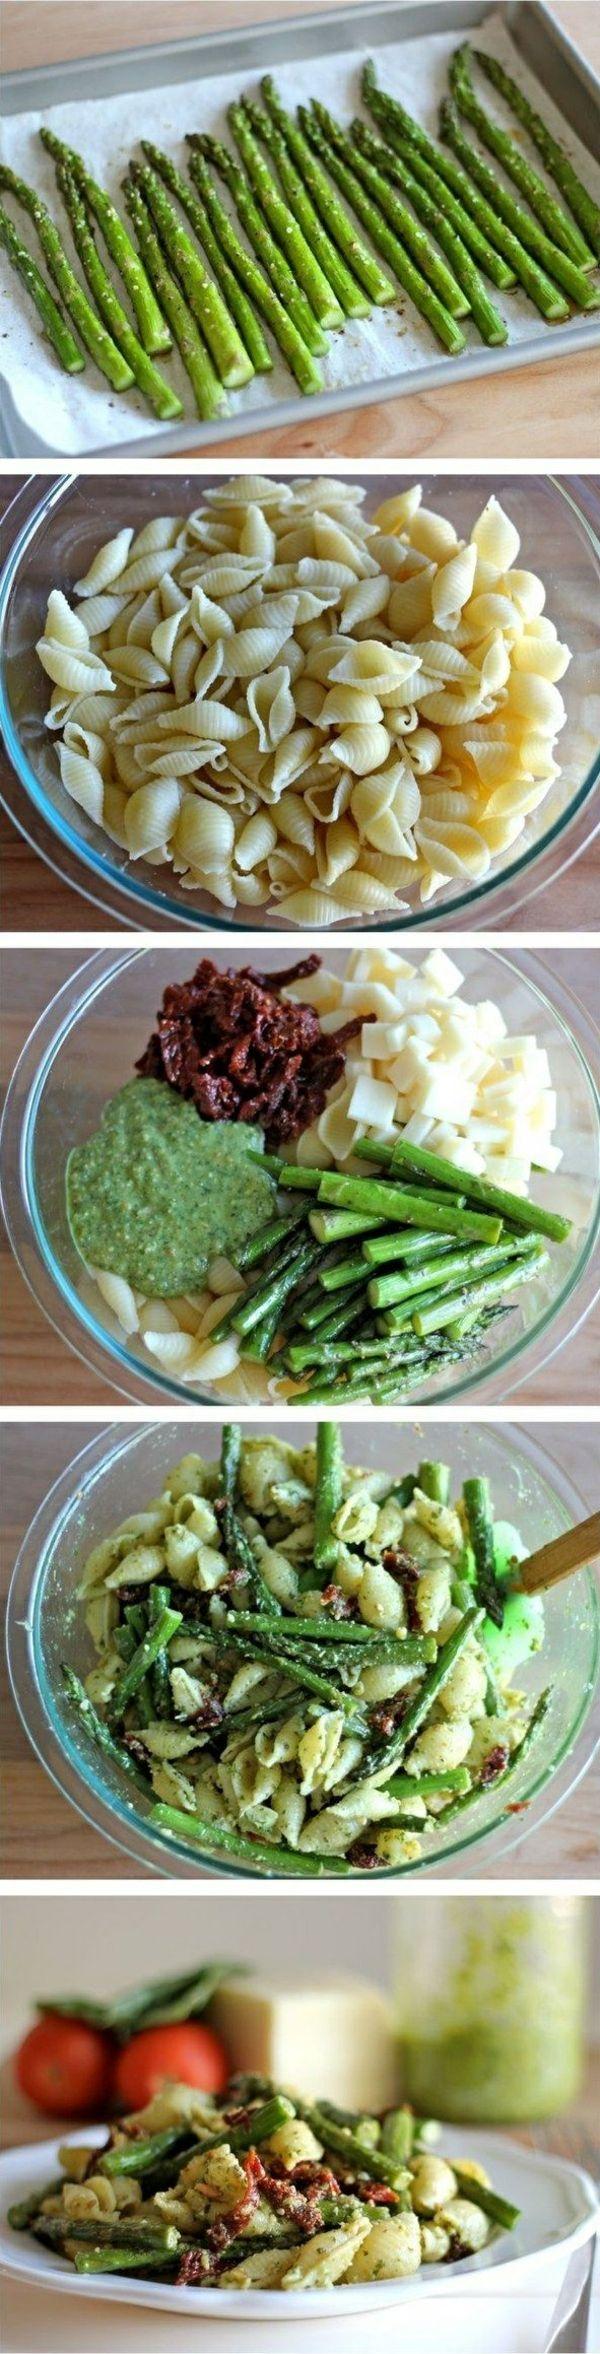 spargel gesund essen rezept spargel salat mit nudeln